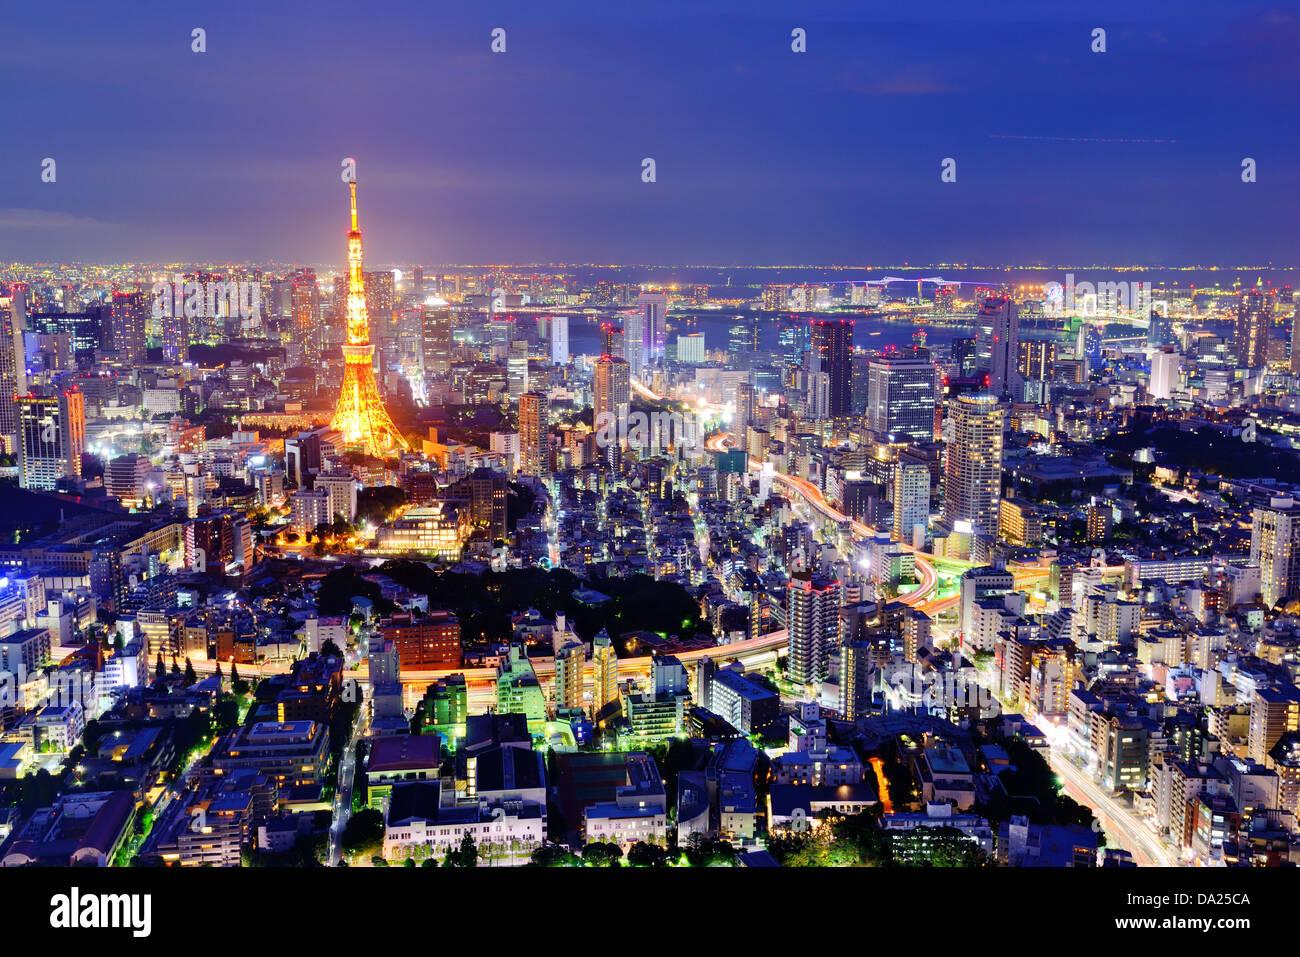 Skyline di Tokyo, Giappone. Immagini Stock